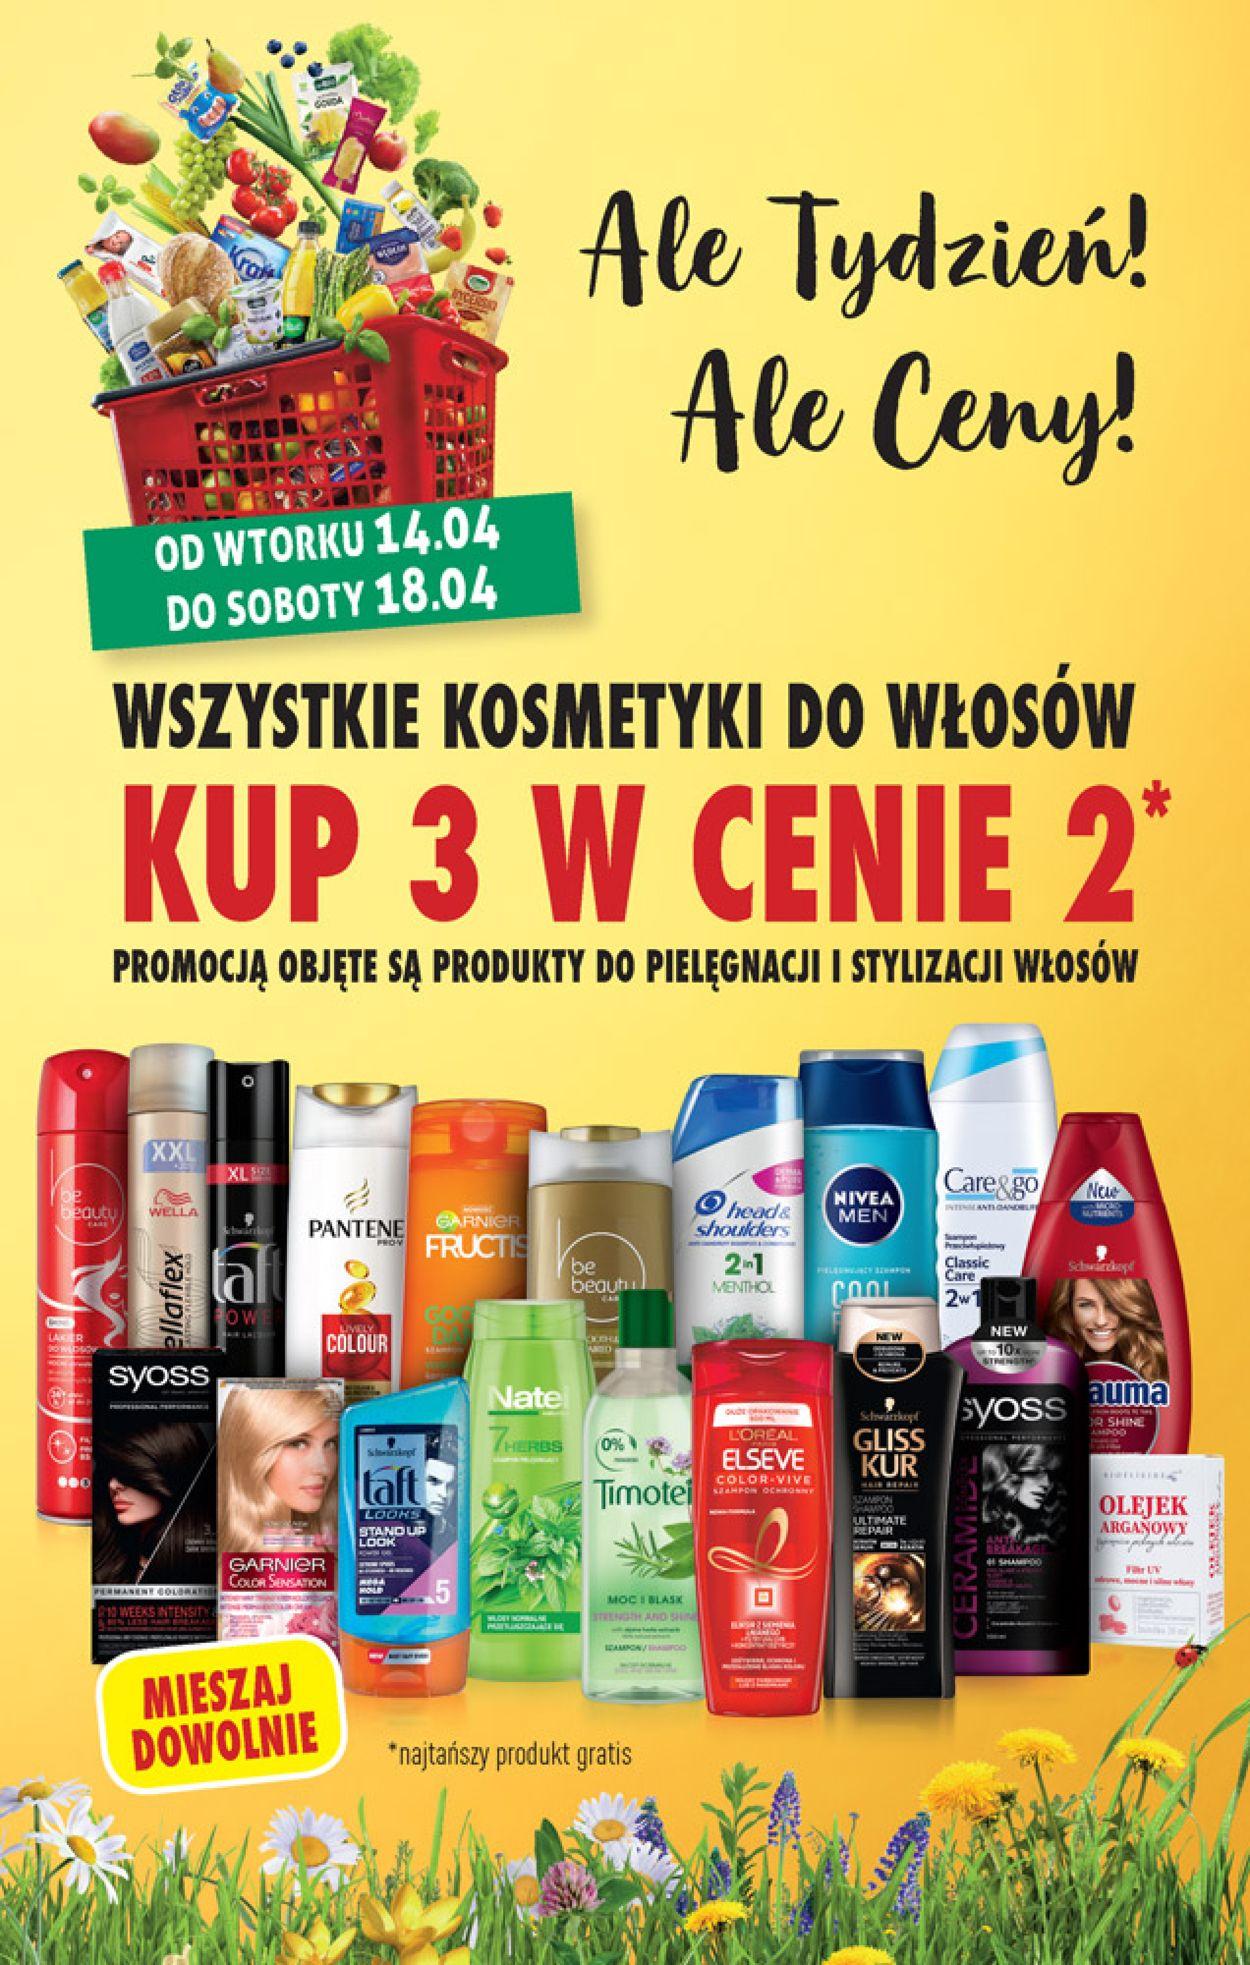 Gazetka promocyjna Biedronka - 14.04-18.04.2020 (Strona 3)